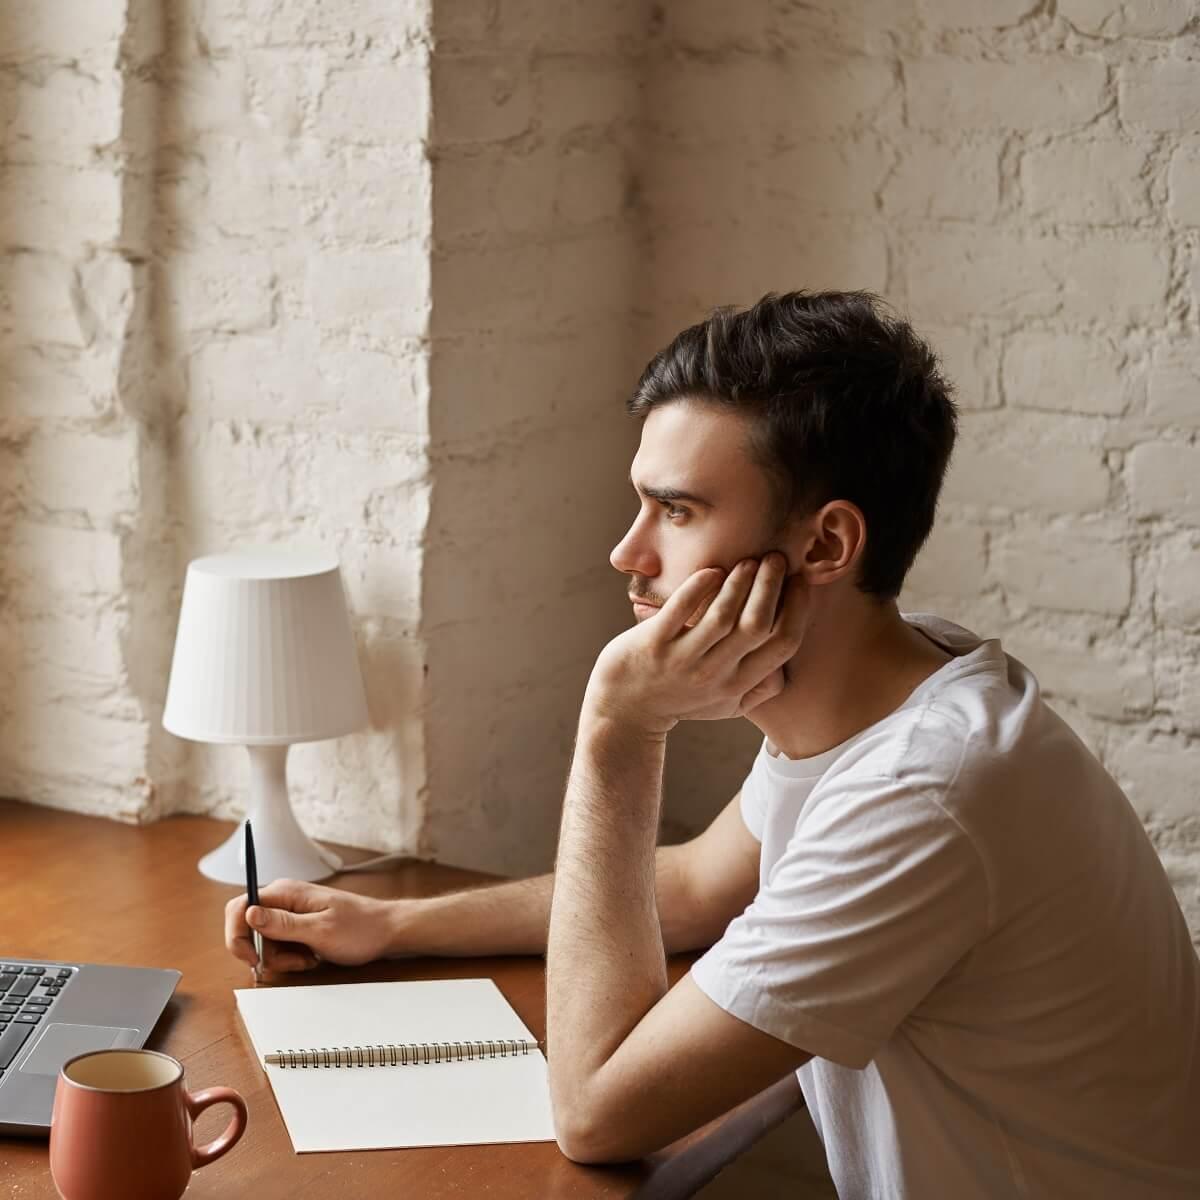 男性が記事を執筆している様子。